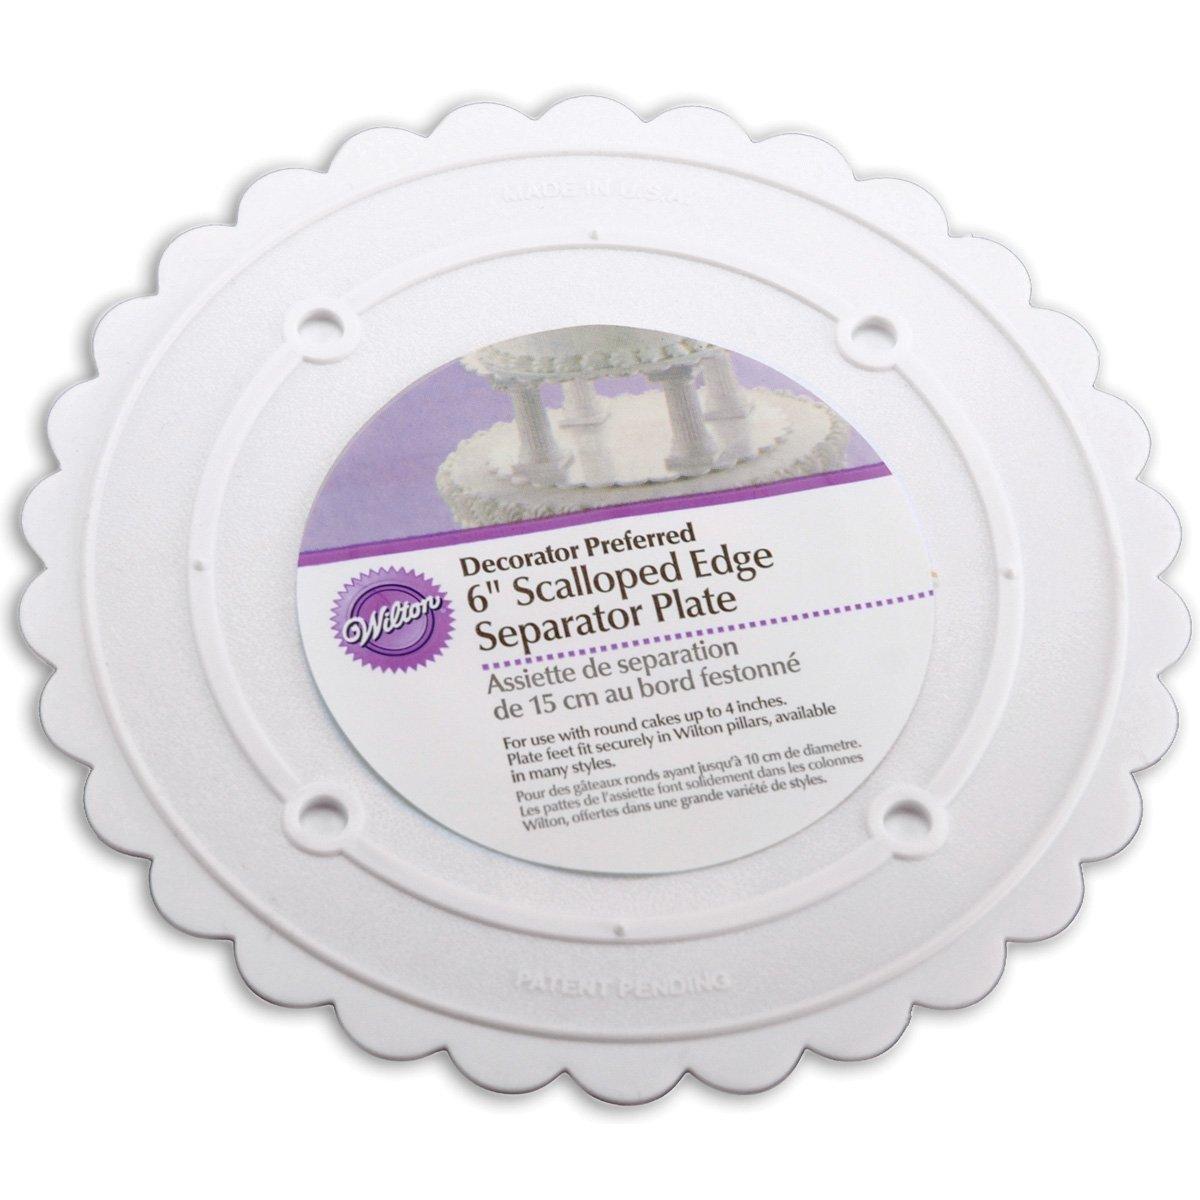 15,2 cm Assiette Ronde de S/éparation pour G/âteaux Decorator Preferred 6